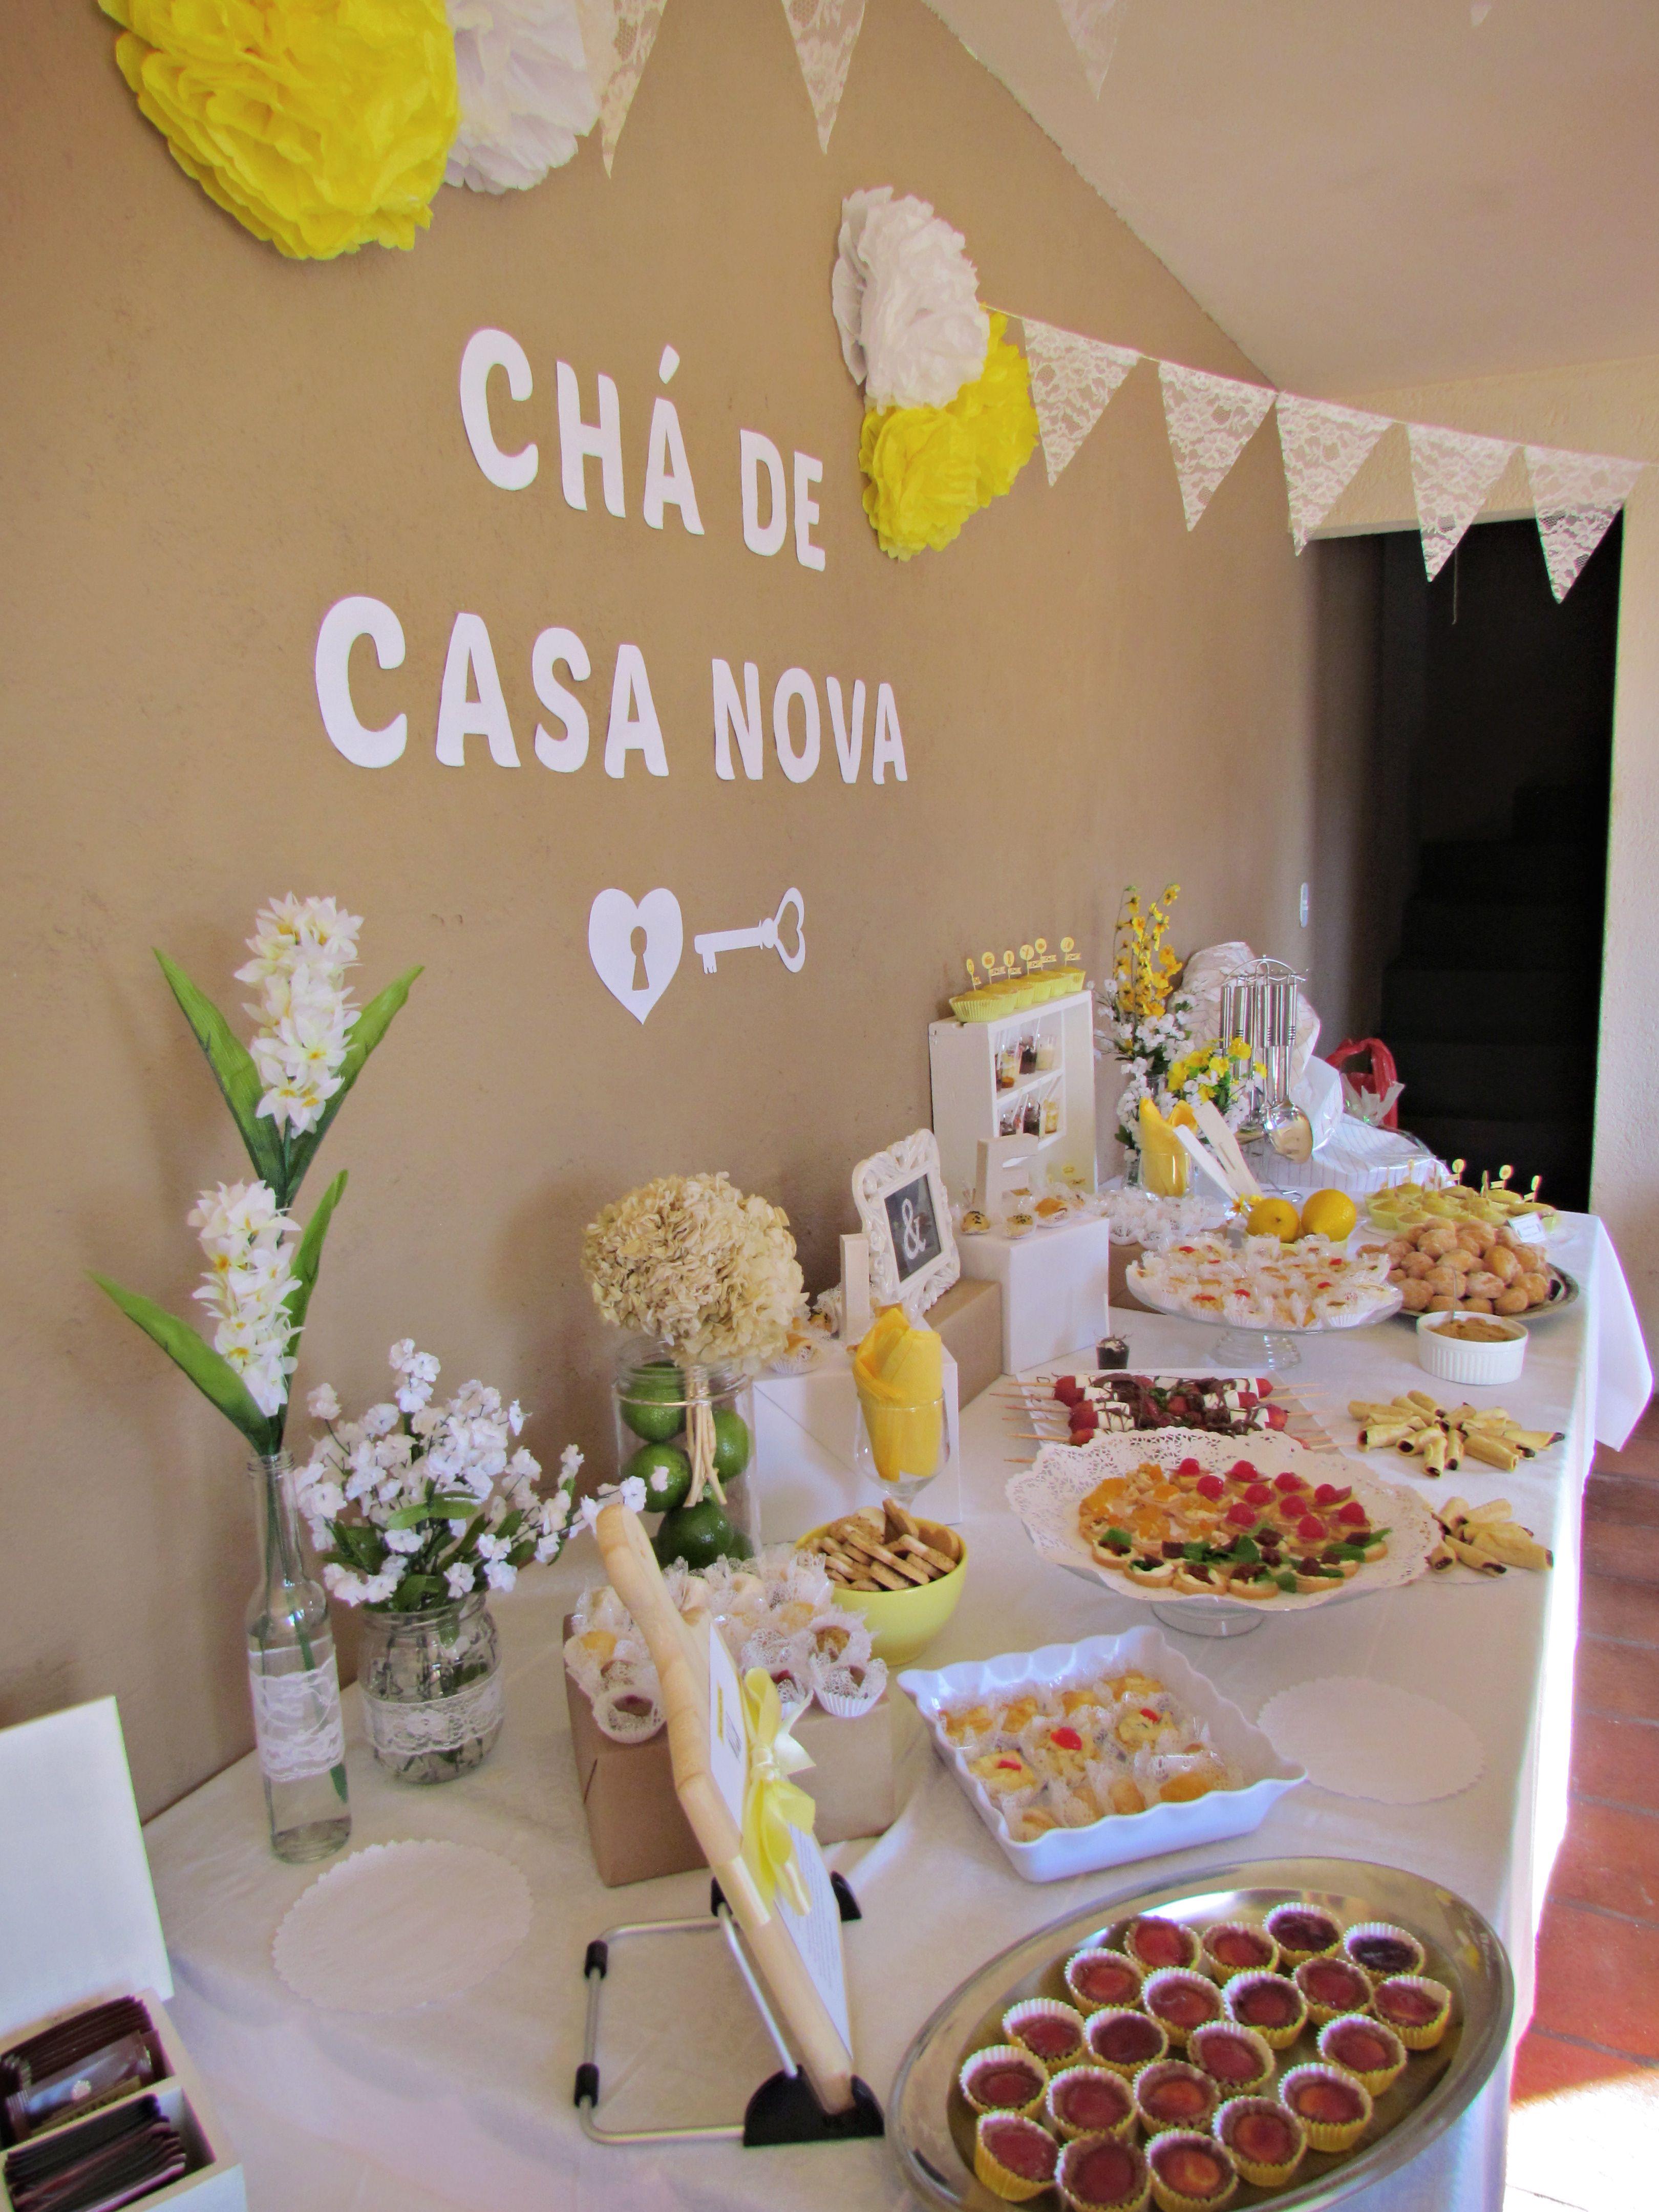 Ch? de Casa Nova - Decora??o / Bridal Shower Decor / Party Decor ...